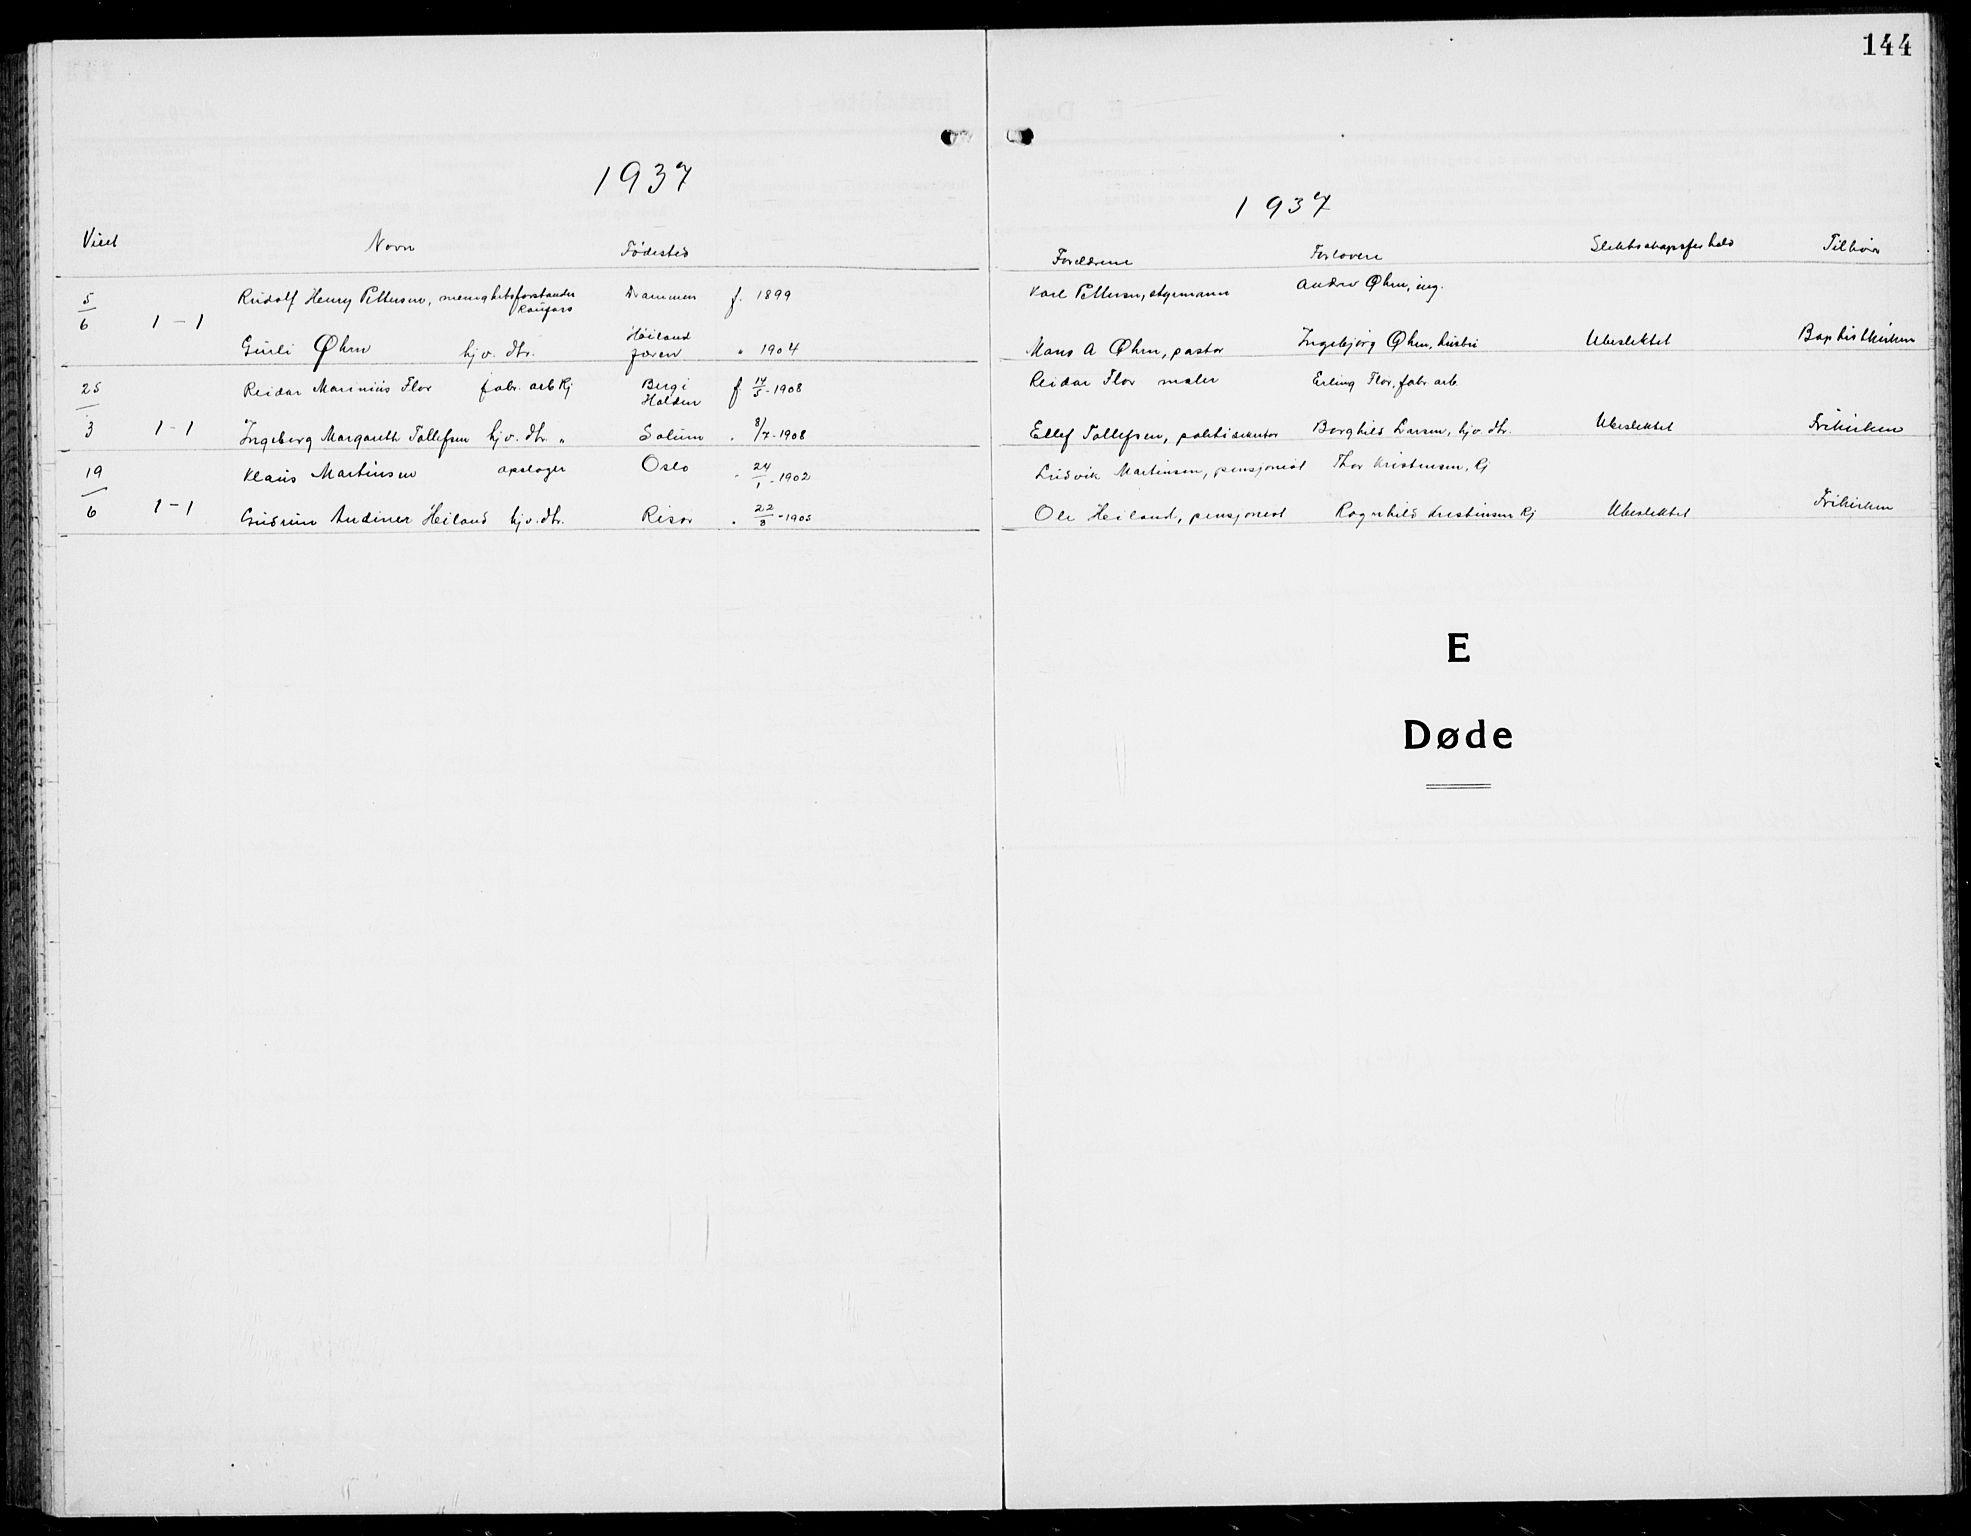 SAKO, Rjukan kirkebøker, G/Ga/L0005: Klokkerbok nr. 5, 1928-1937, s. 144